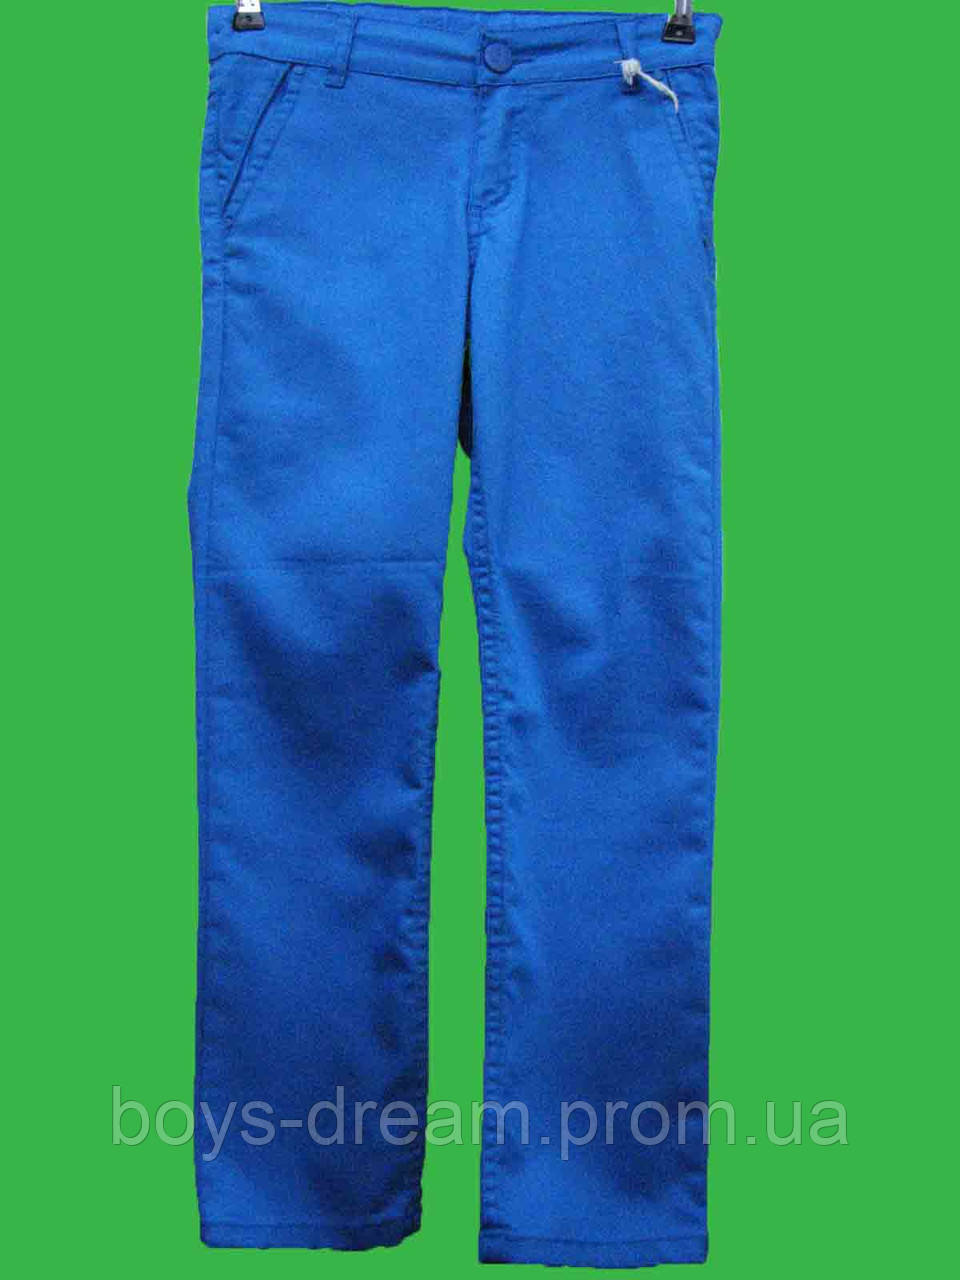 Цветные джинсы для мальчика(Турция)(128)